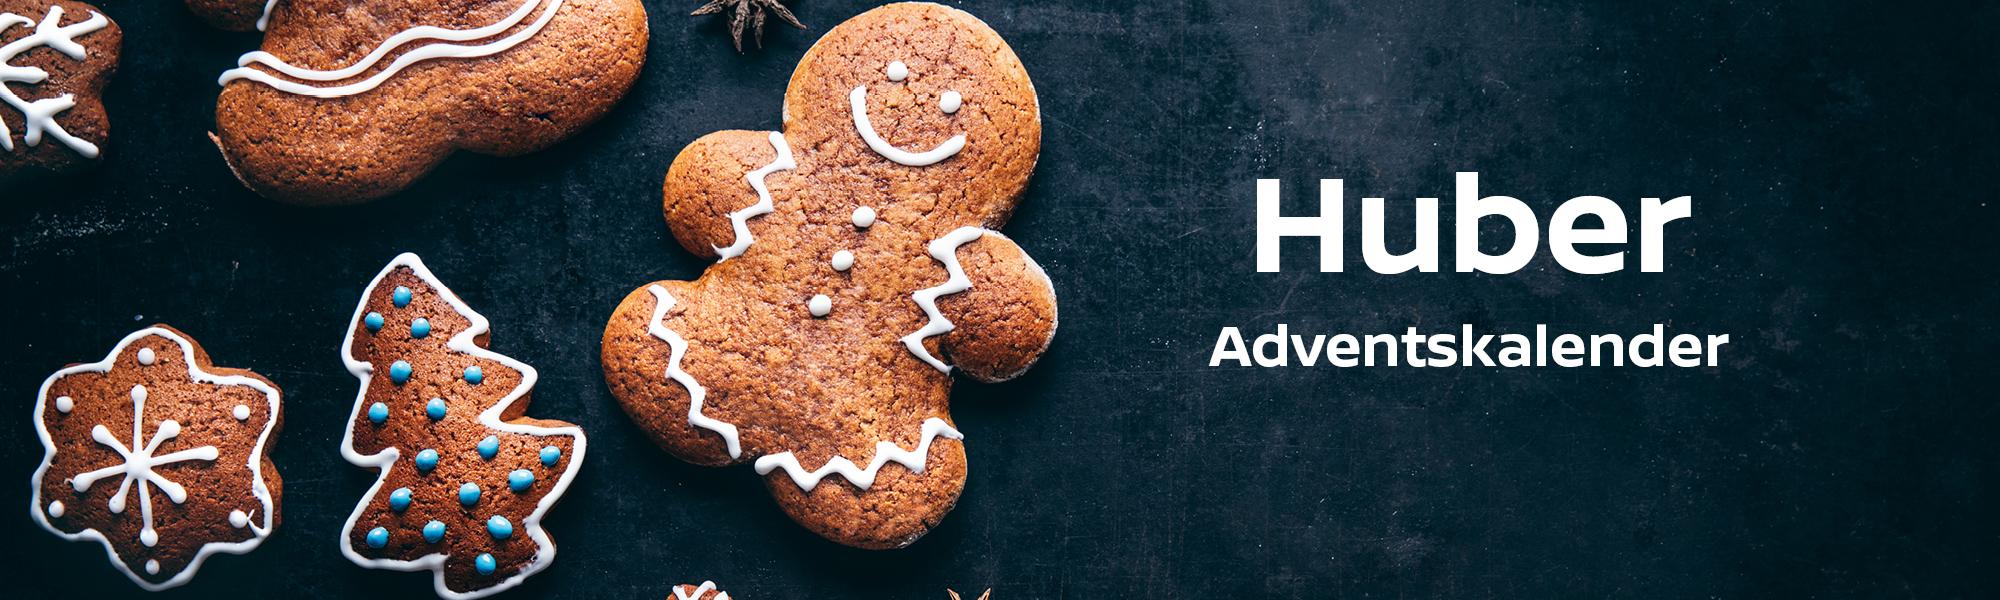 Huber-Adventskalender